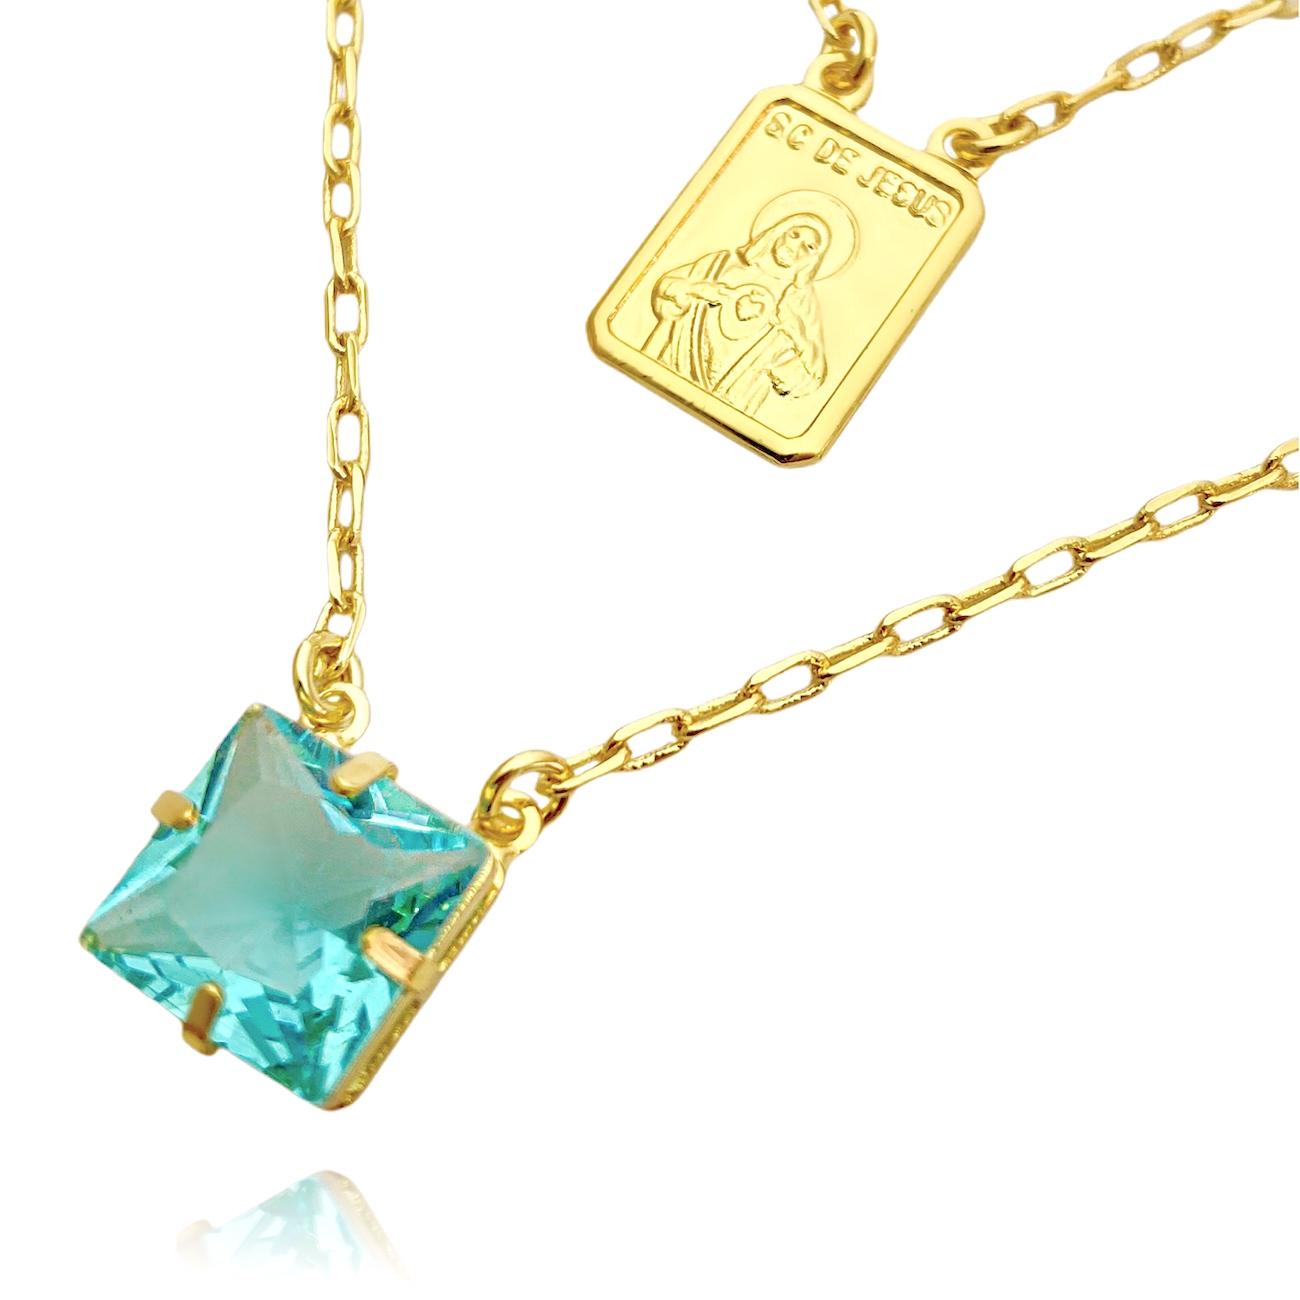 Escapulário Pedra Carre Verde Água + Sagrado Coração 70cm Carrier Cadeado (Banho Ouro 24k)